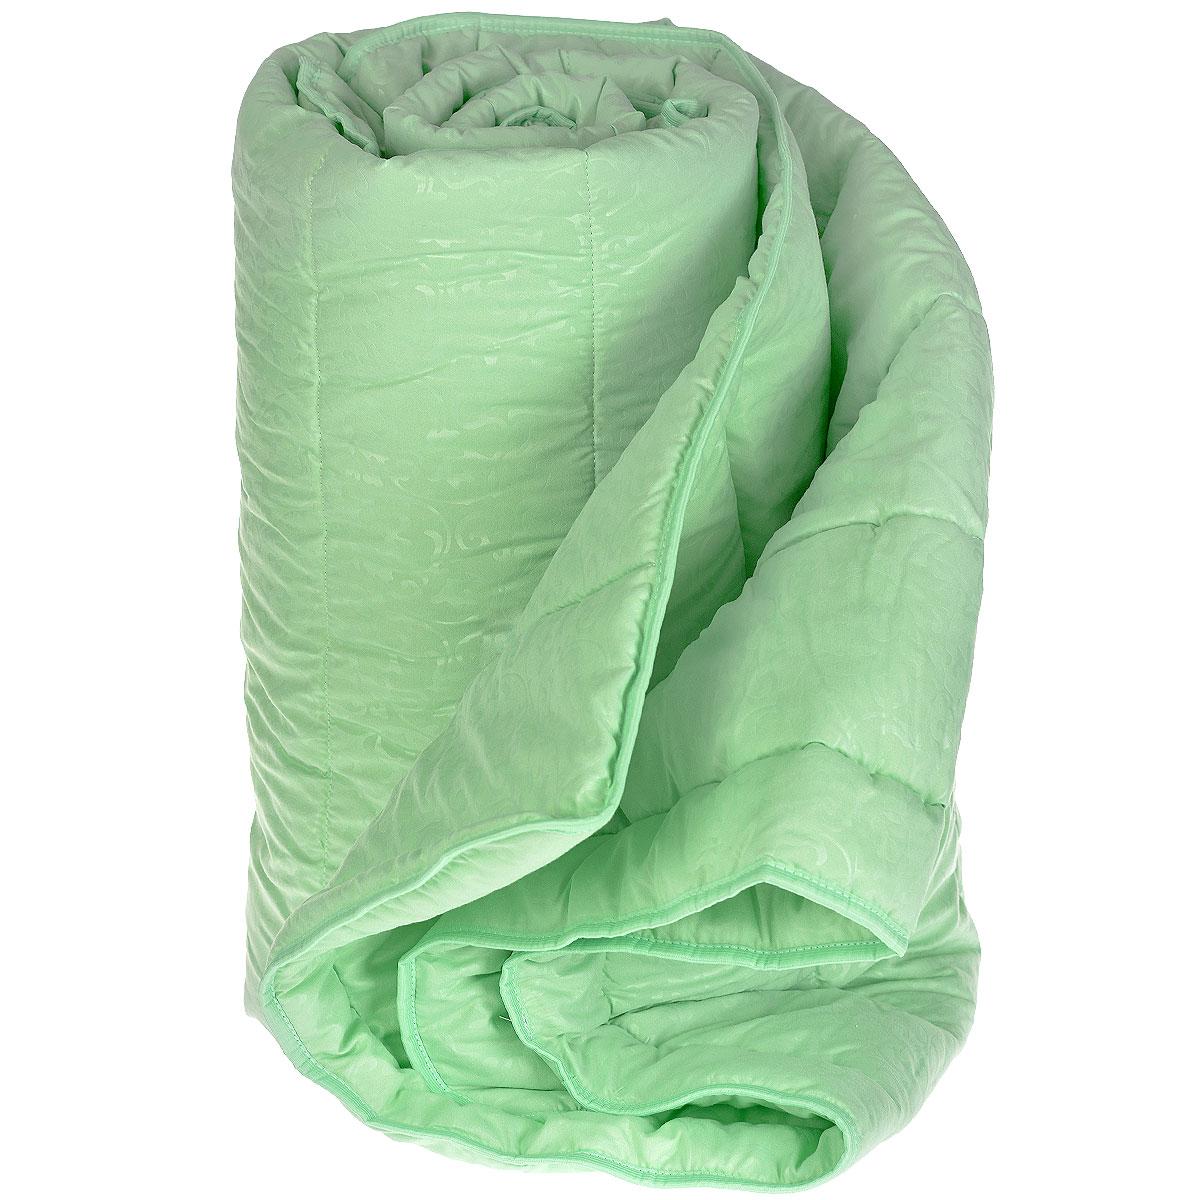 Одеяло облегченное Miotex Бамбук, наполнитель: волокно бамбука, цвет: фисташковый, 172 см х 205 смМБМ-18-2ССтеганый чехол облегченного одеяла Miotex Бамбук выполнен из полиэстера с набивным рисунком. Наполнитель - волокно на основе бамбука. Одеяло обладает всеми полезными свойствами бамбукового волокна - не накапливает пыль и запахи. Не теряет своих качеств при многократных стирках. Стежка равномерно удержит наполнитель в чехле, а окантовка держит форму изделия. Легкое летнее одеяло, за которым легко ухаживать. Подходит людям, страдающим аллергией и астмой, так как совершенно гипоаллергенно. Рекомендации по уходу: - Стирать при температуре не более 30°С, - Нельзя отбеливать. При стирке не использовать средства, содержащие отбеливатели (хлор), - Не гладить. Не применять обработку паром, - Нельзя выжимать и сушить в стиральной машине. Материал чехла: 100% полиэстер. Наполнитель: бамбуковое волокно. Плотность наполнителя: 200 г/м2.